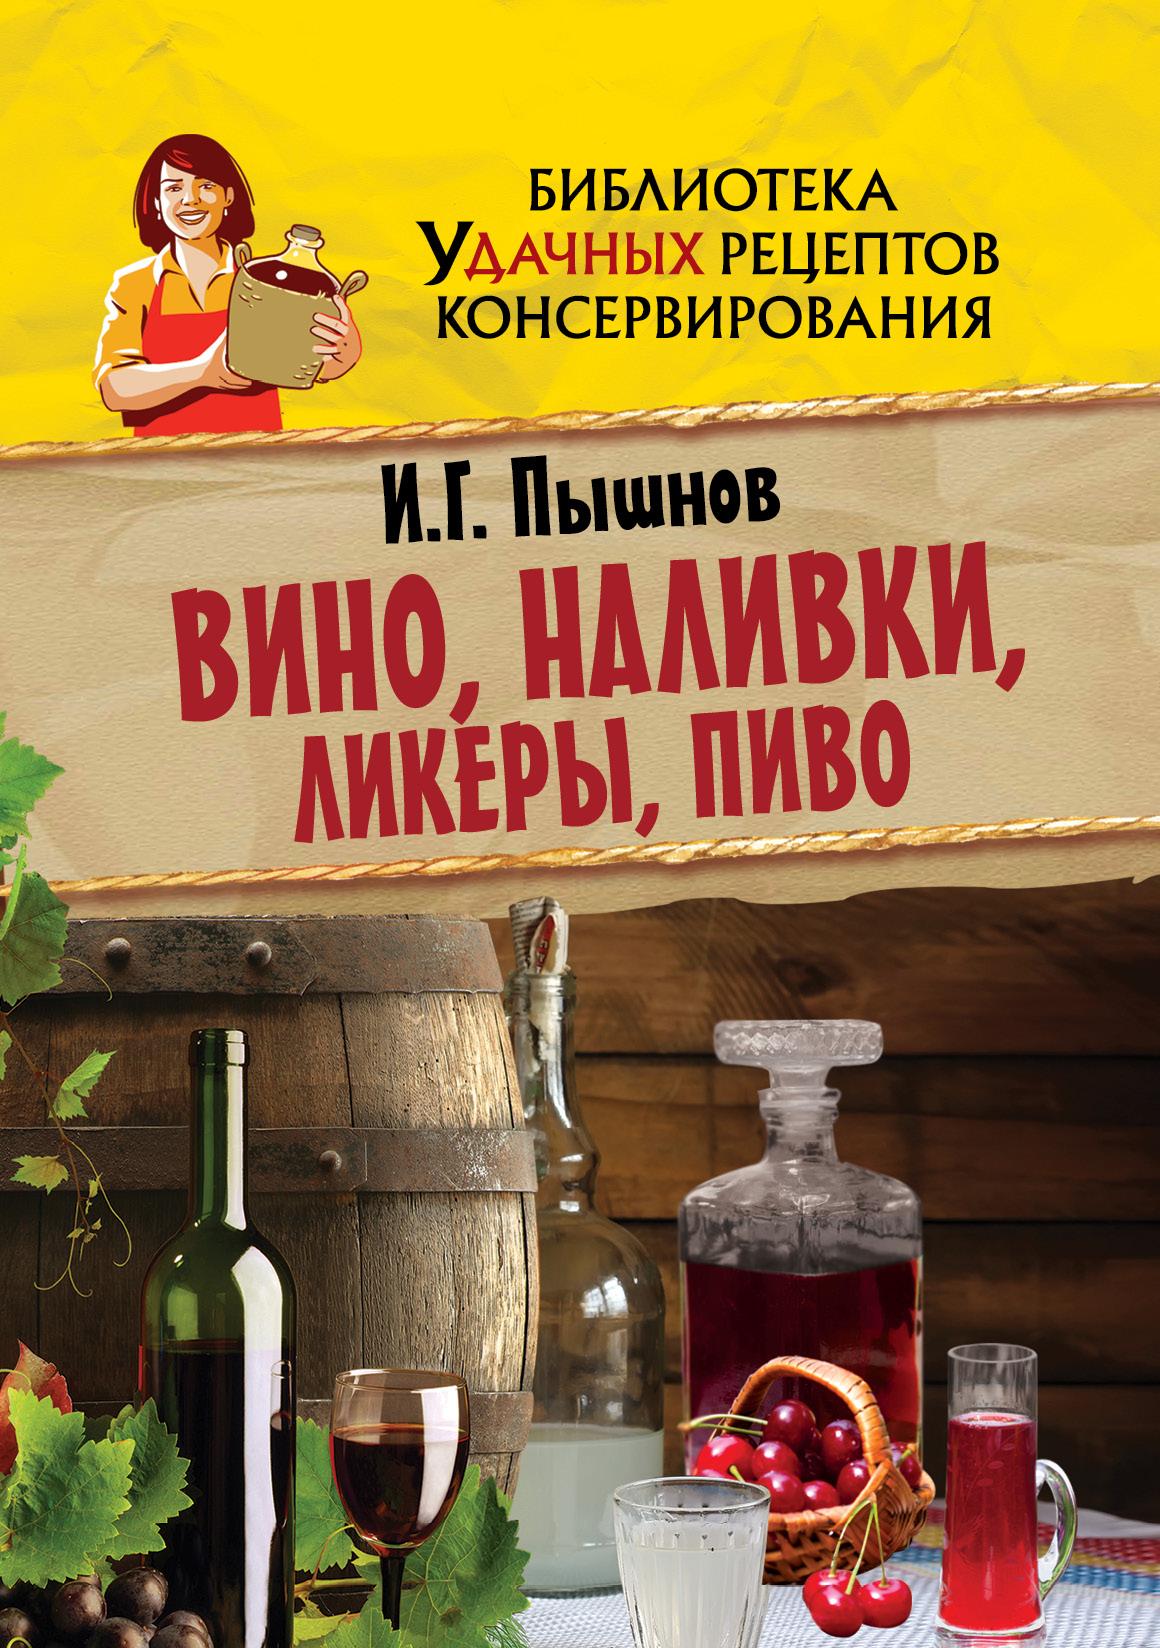 Пышнов И.Г. Вино, наливки, ликеры, пиво эксмо пиво вино и сидр в домашних условиях секреты приготовления